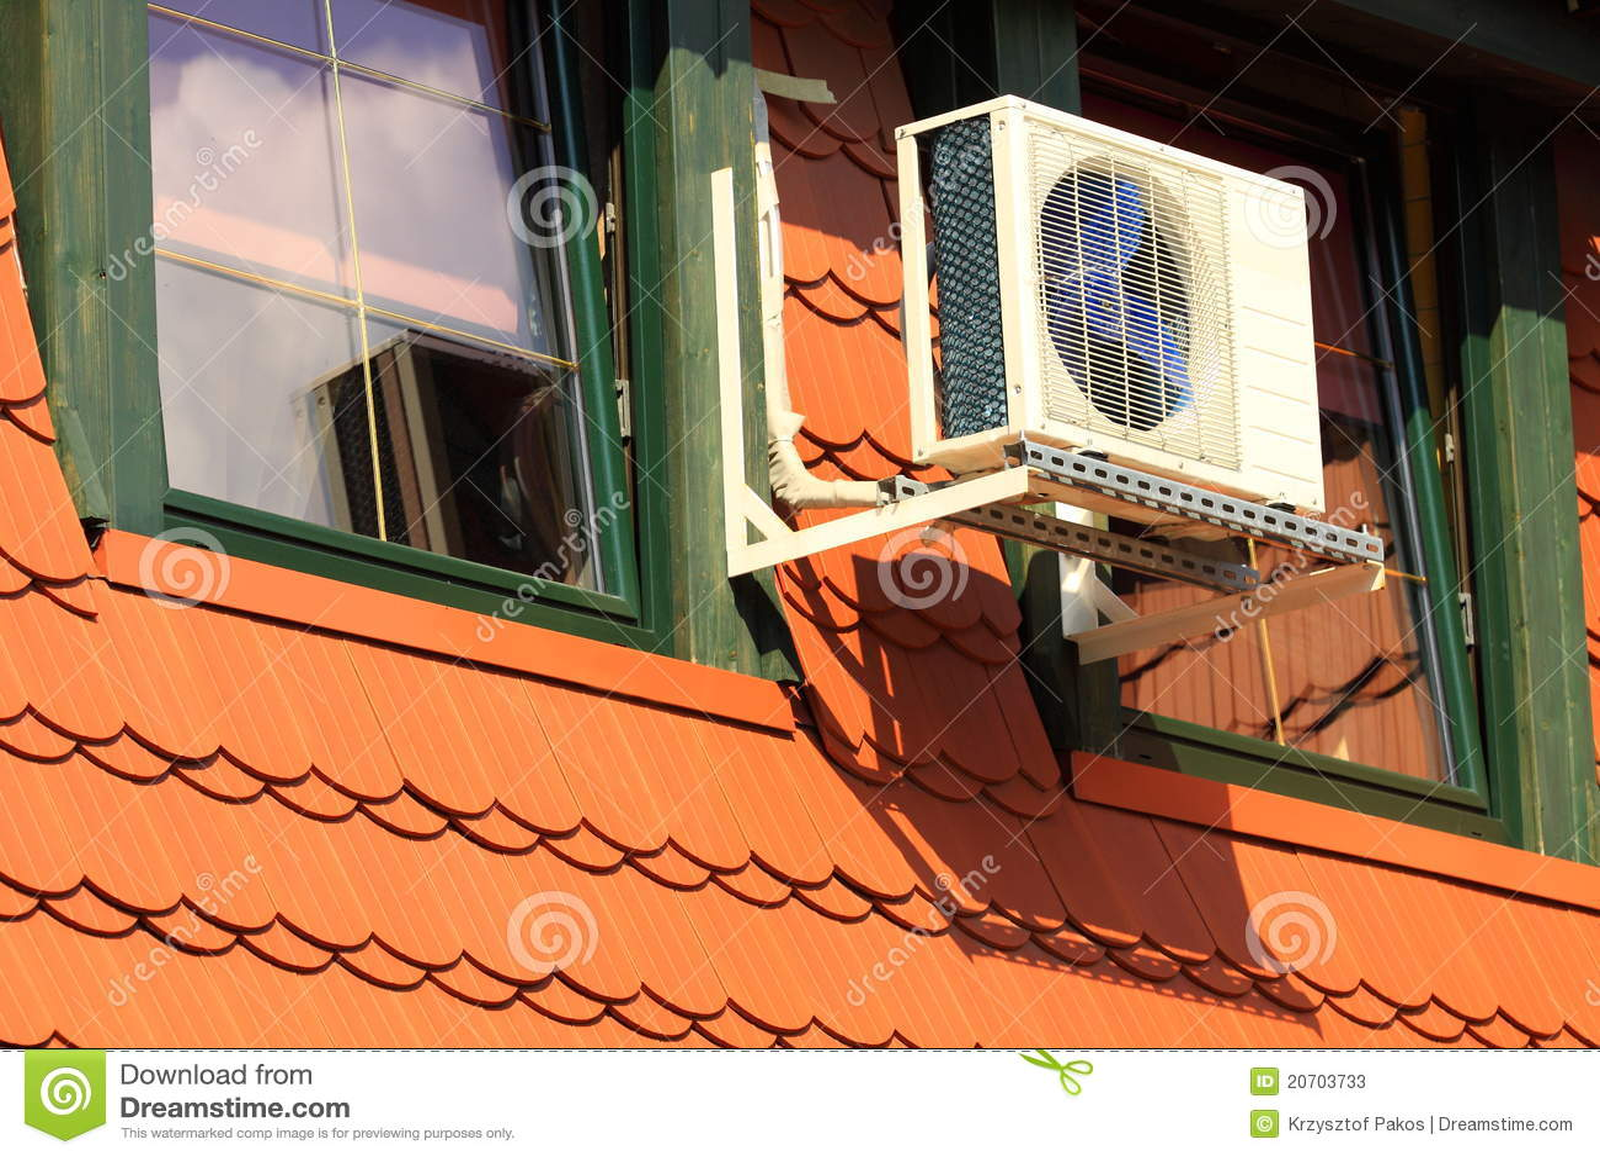 zentrale klimaanlage auf dem dachboden stockbild bild von hoch signalformer 20703733. Black Bedroom Furniture Sets. Home Design Ideas